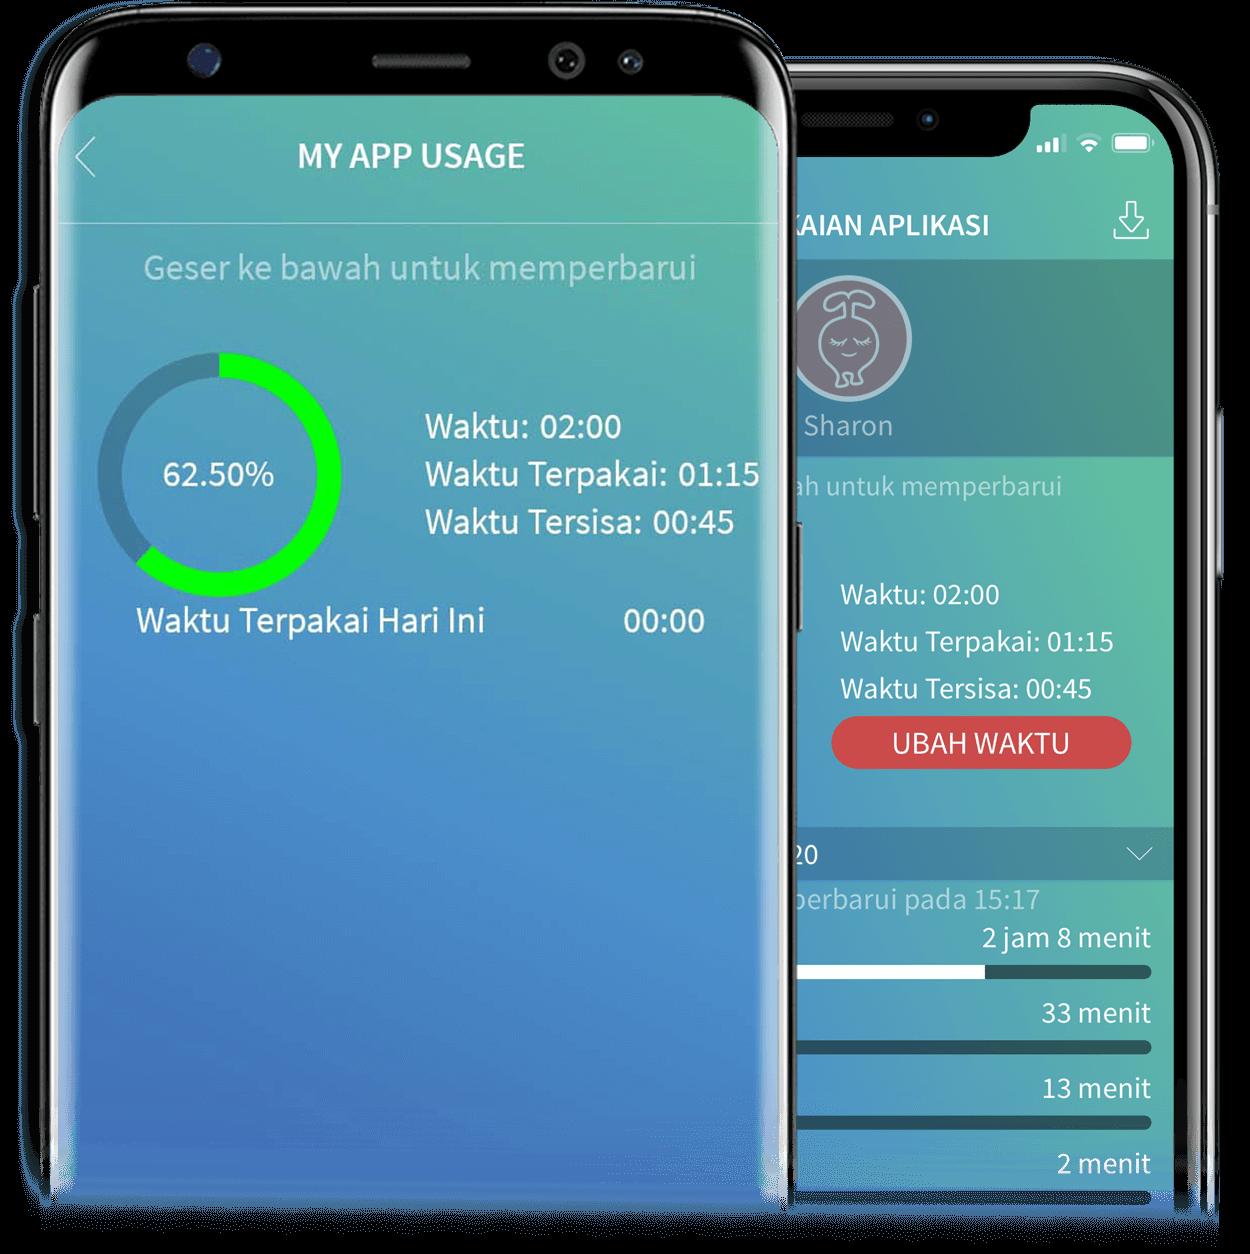 Fitur Pemakaian Aplikasi Alokasi Waktu dalam smartphone anak Tittle for Parents